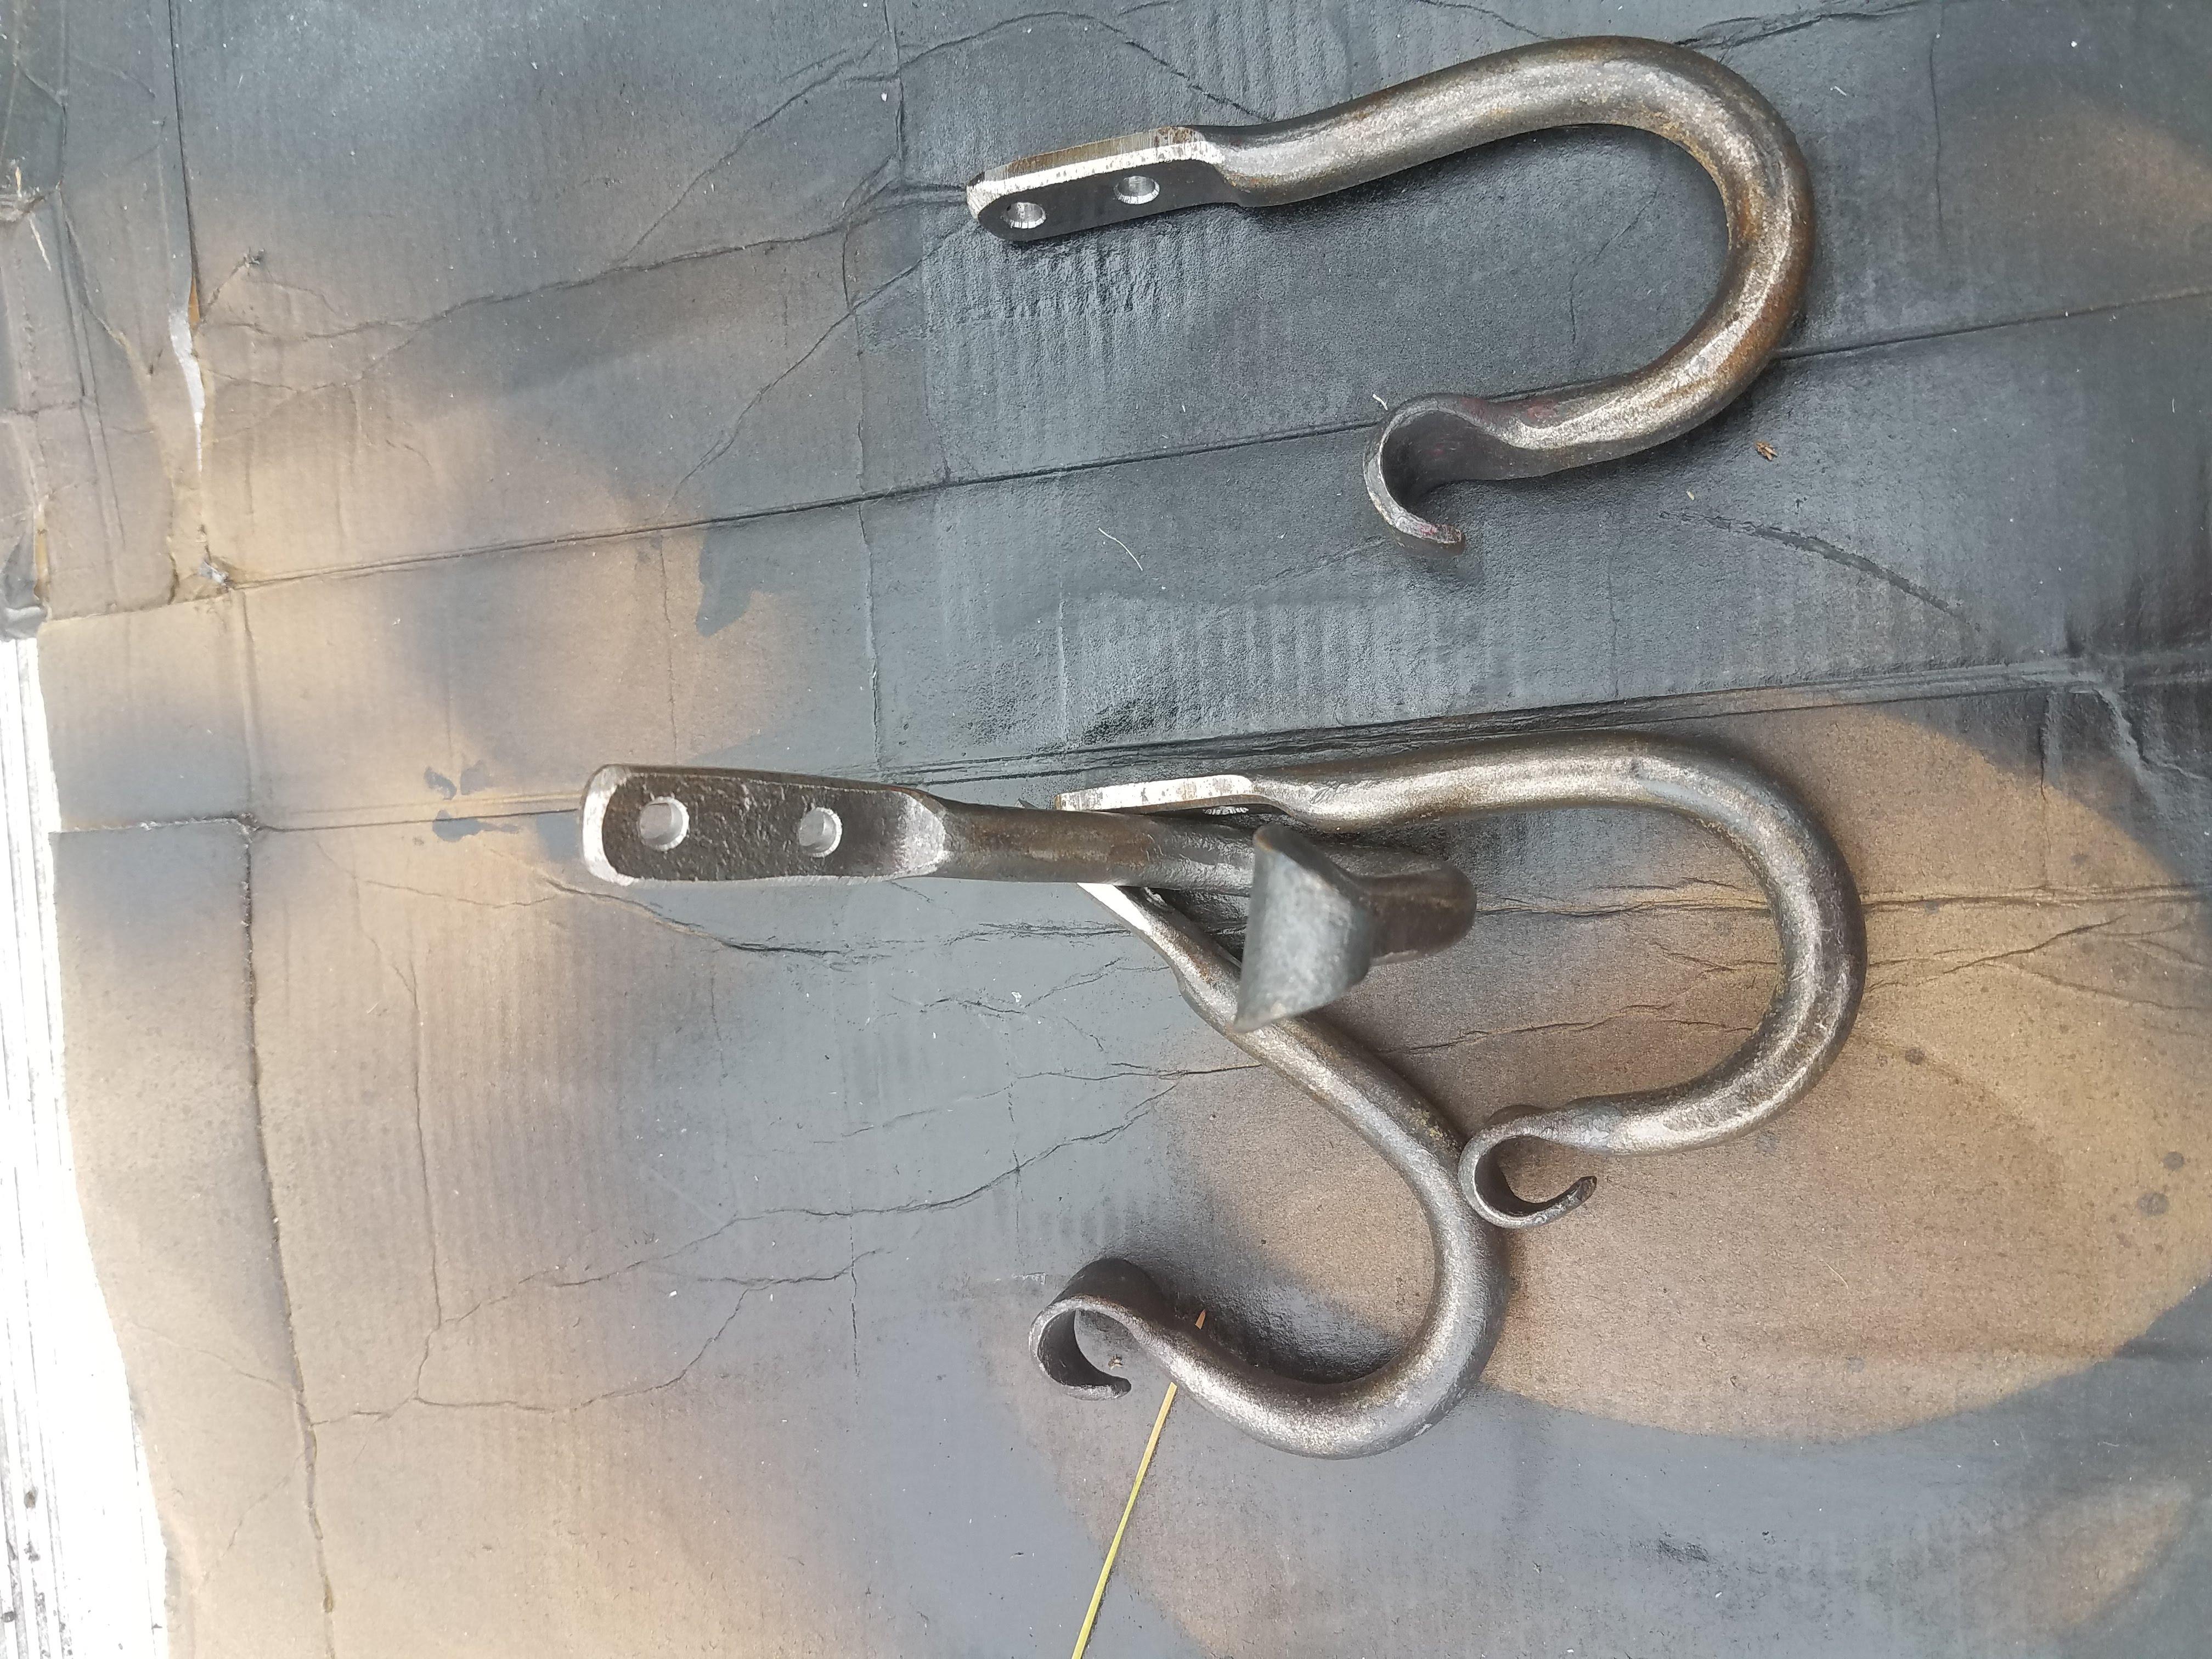 Simple hooks